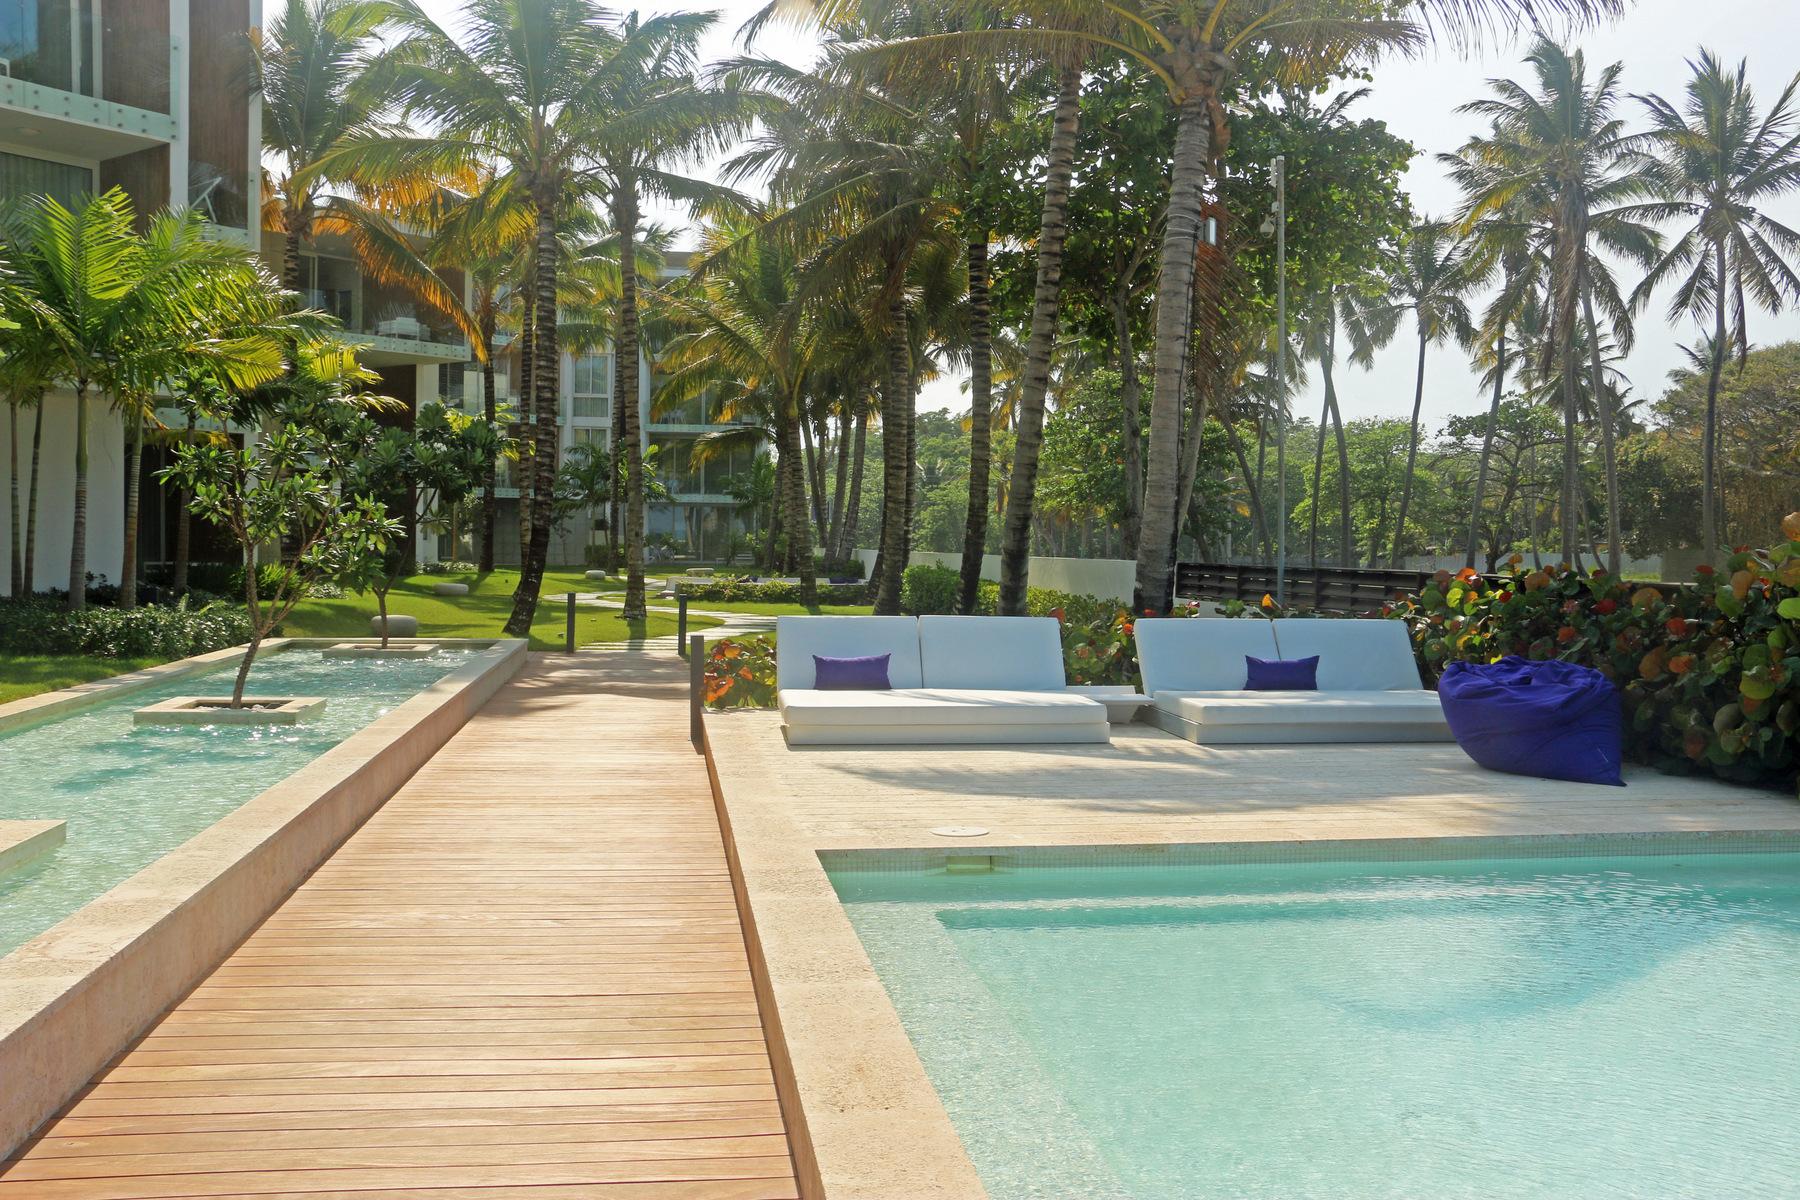 共管式独立产权公寓 为 销售 在 Ultravioleta A-202 Cabarete, 普拉塔省, 57000 多米尼加共和国